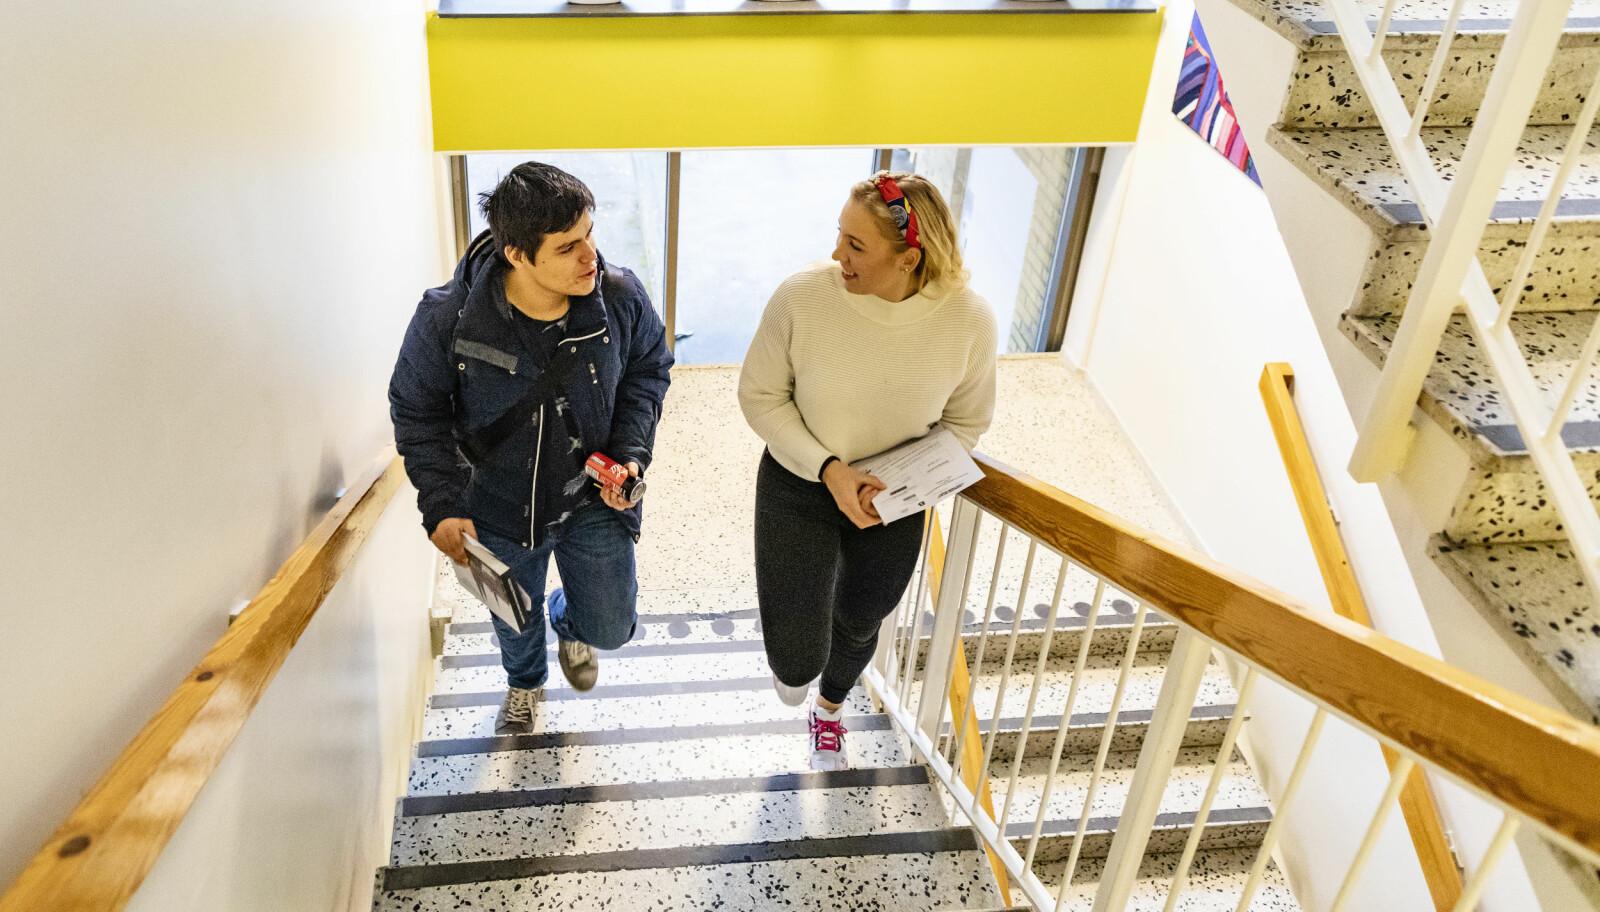 Elever ved Rosedalsgymnasiet i Uppsala er bekymret for forskjellene i det svenske samfunnet.